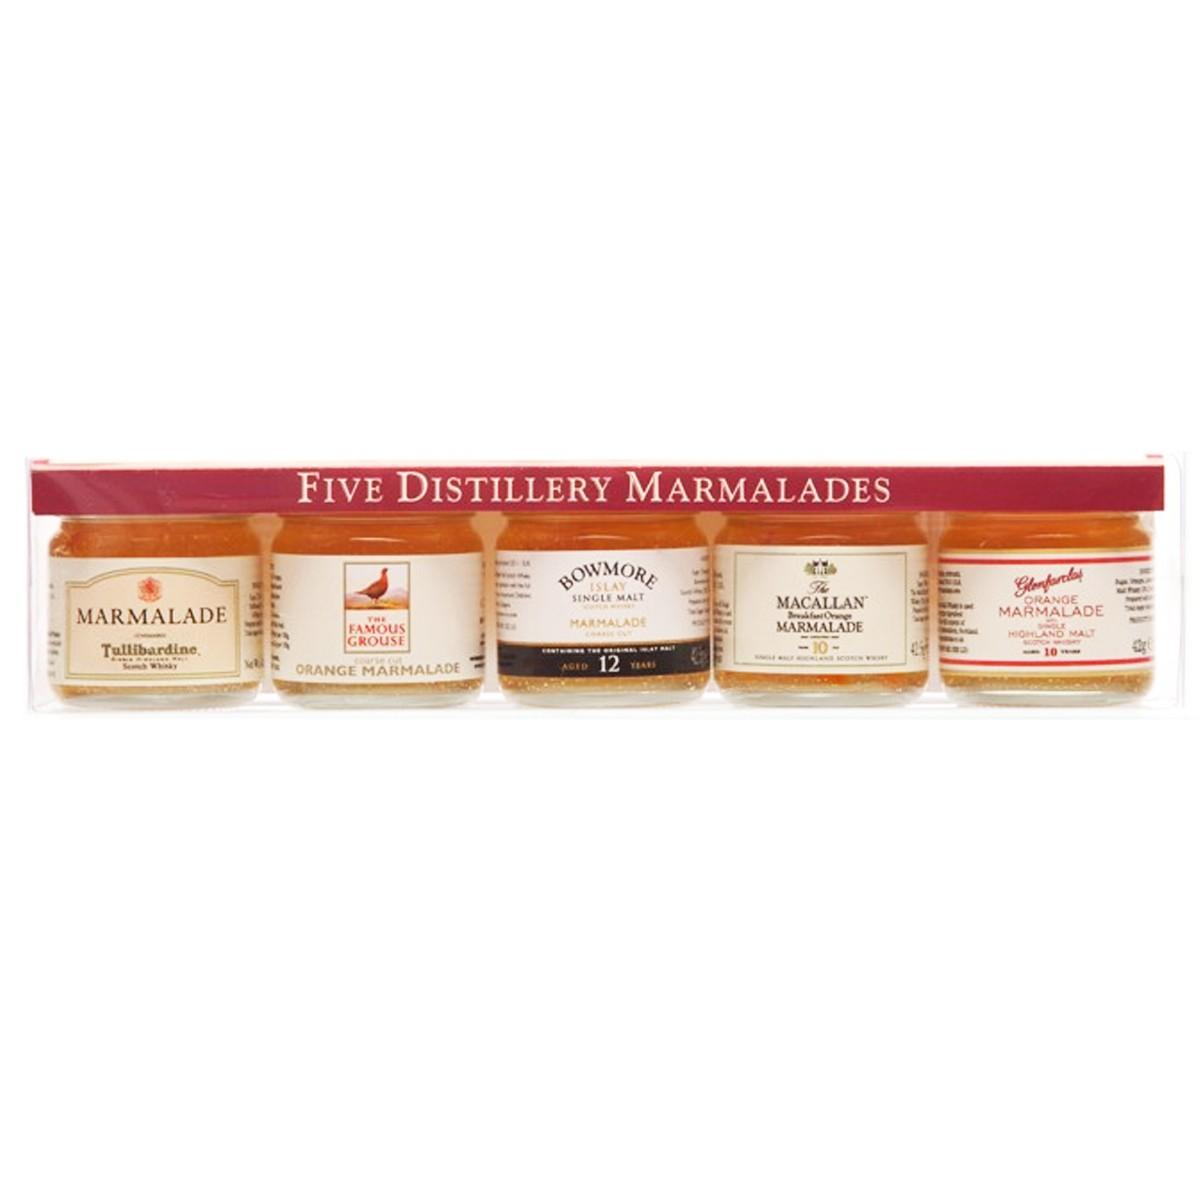 Джемы с добавлением виски 5 вискикурень Mackays (подарочный набор) фото